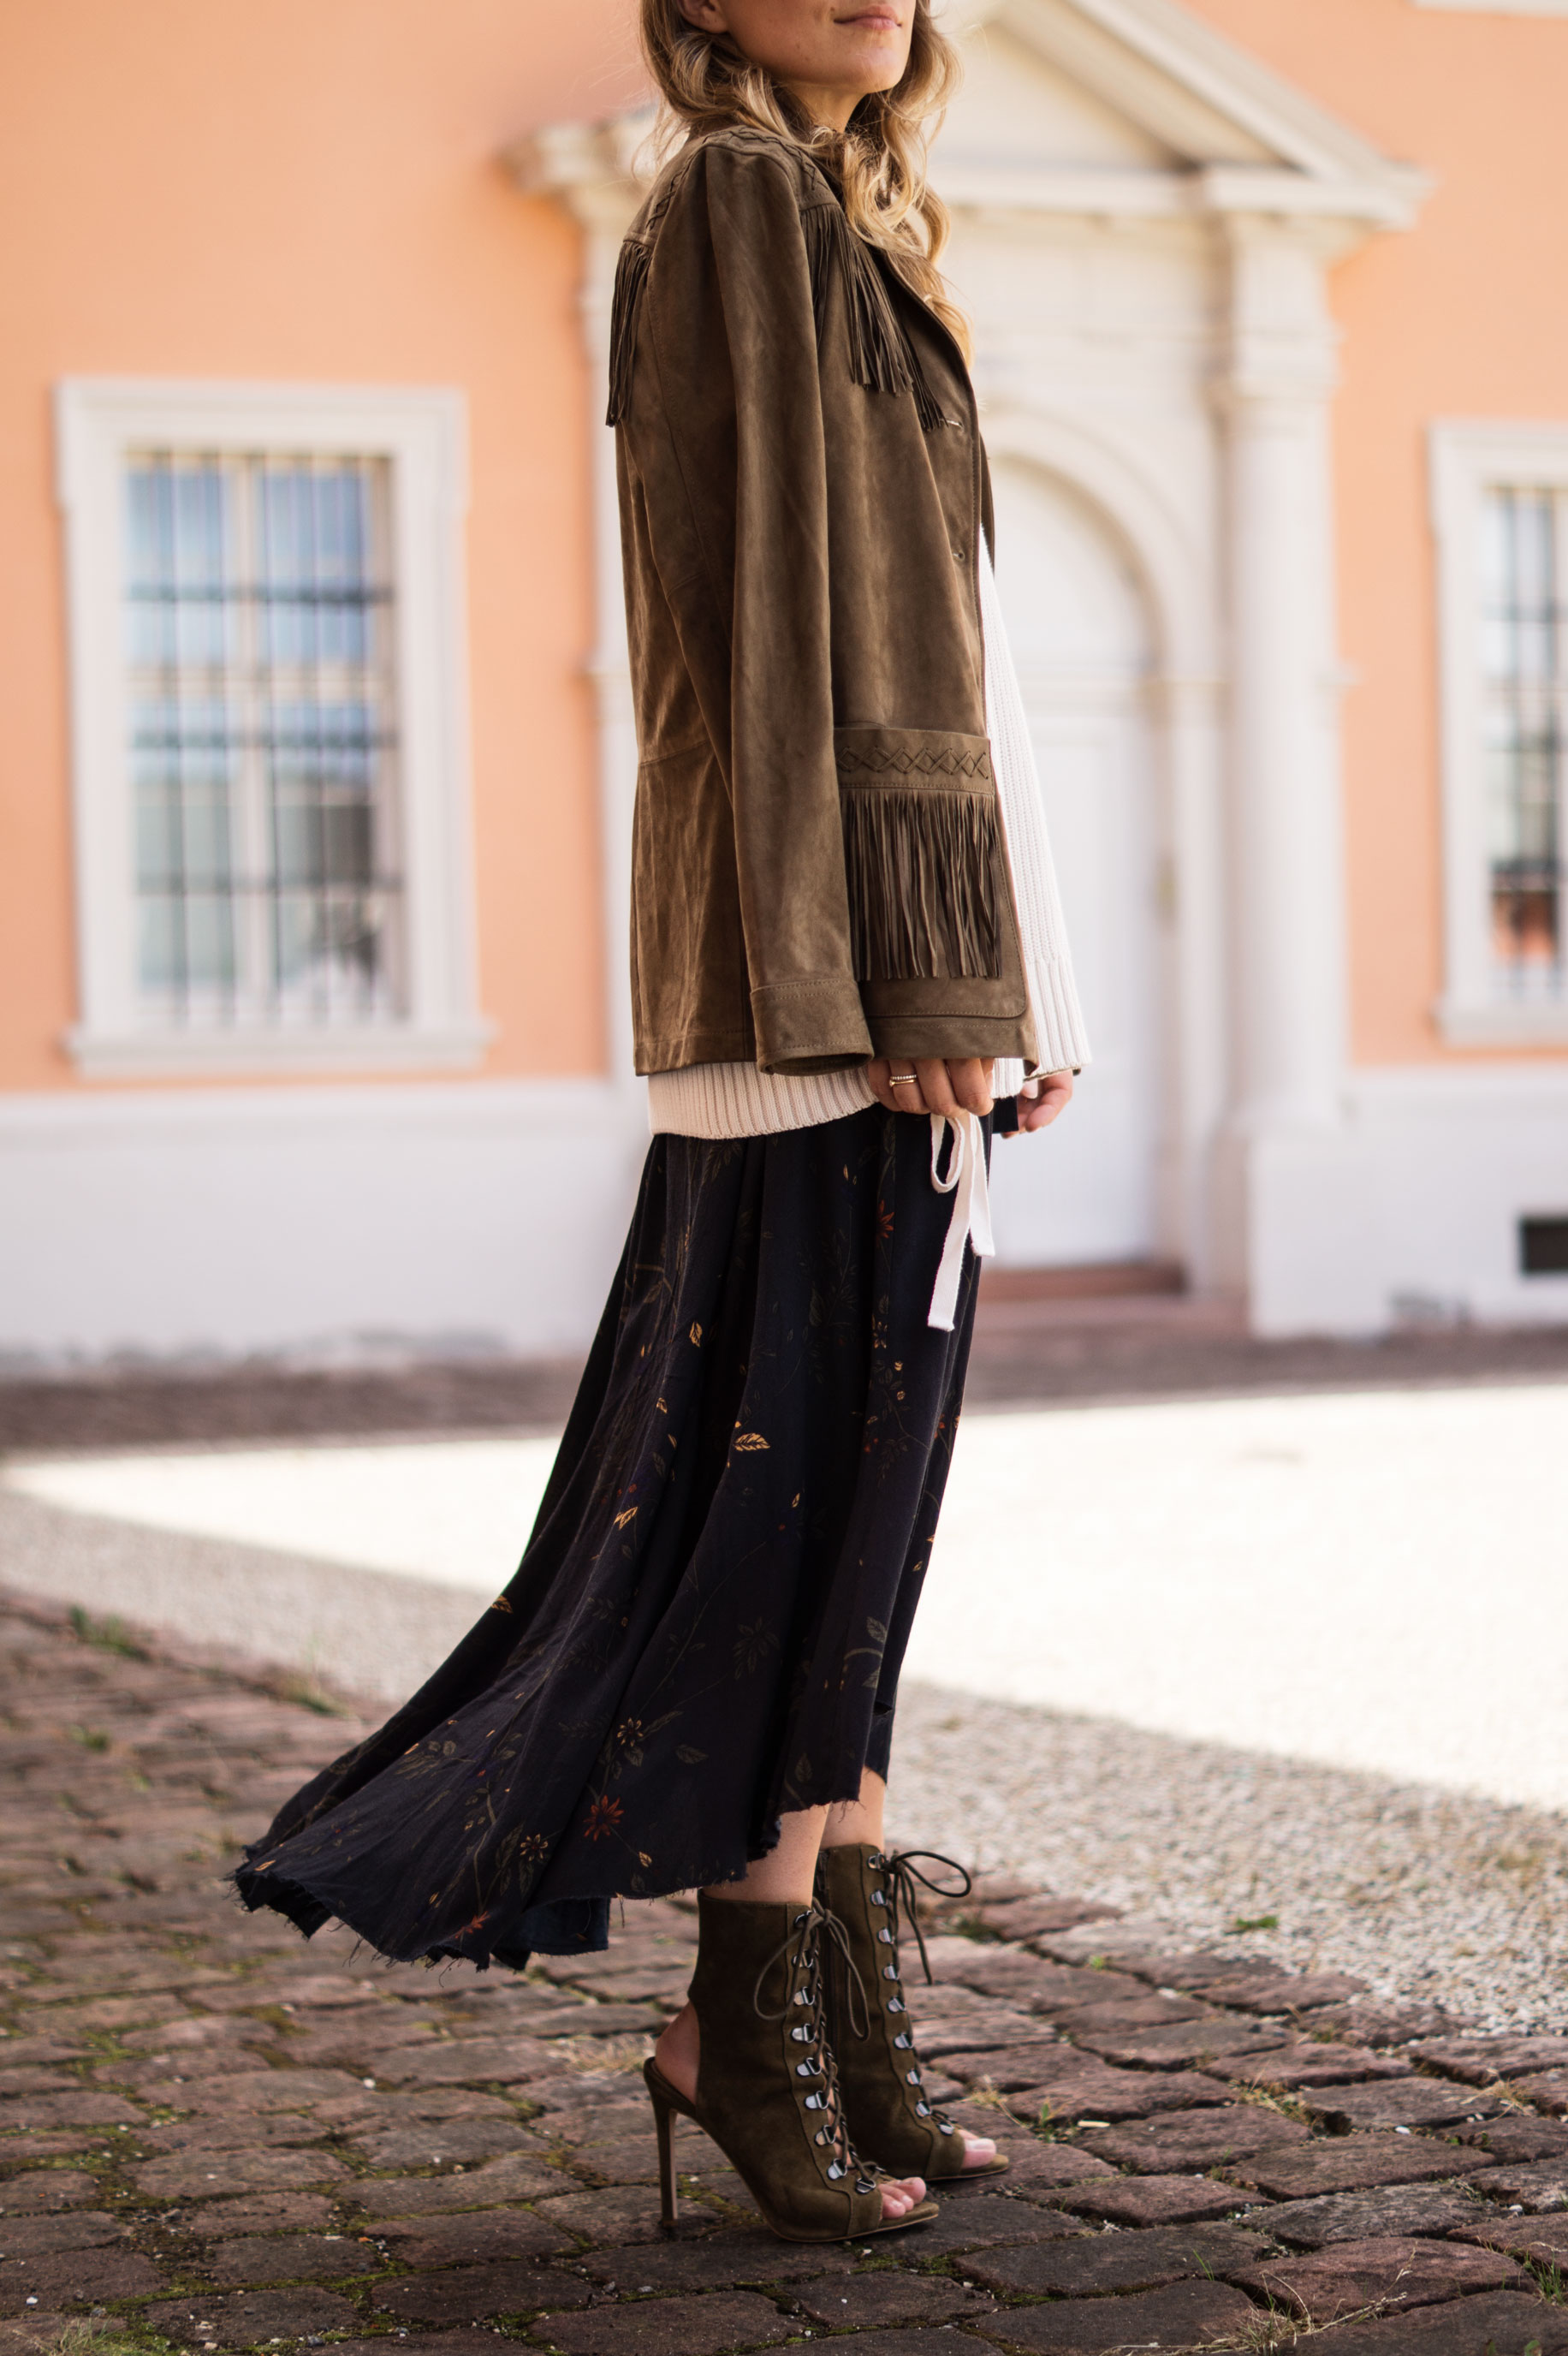 Fall Layers Herbstlook Fransenjacke Wildlederjacke Lace Up Heels Sariety Sarah Schaefer Modeblog Heidelberg_14